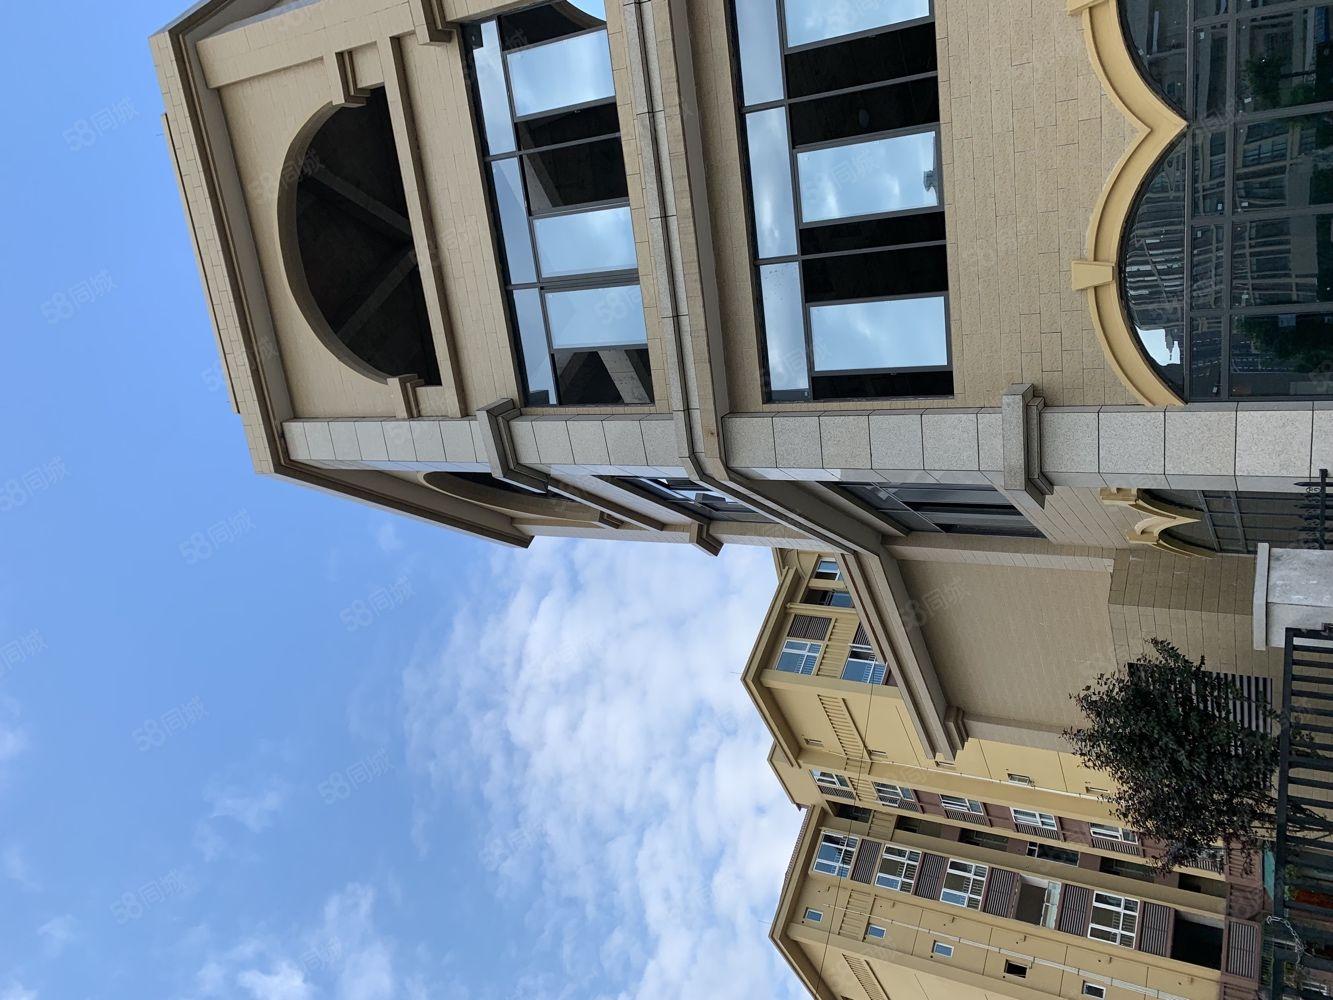 东城明珠116盘中间16楼三室两厅一卫便宜卖43万!